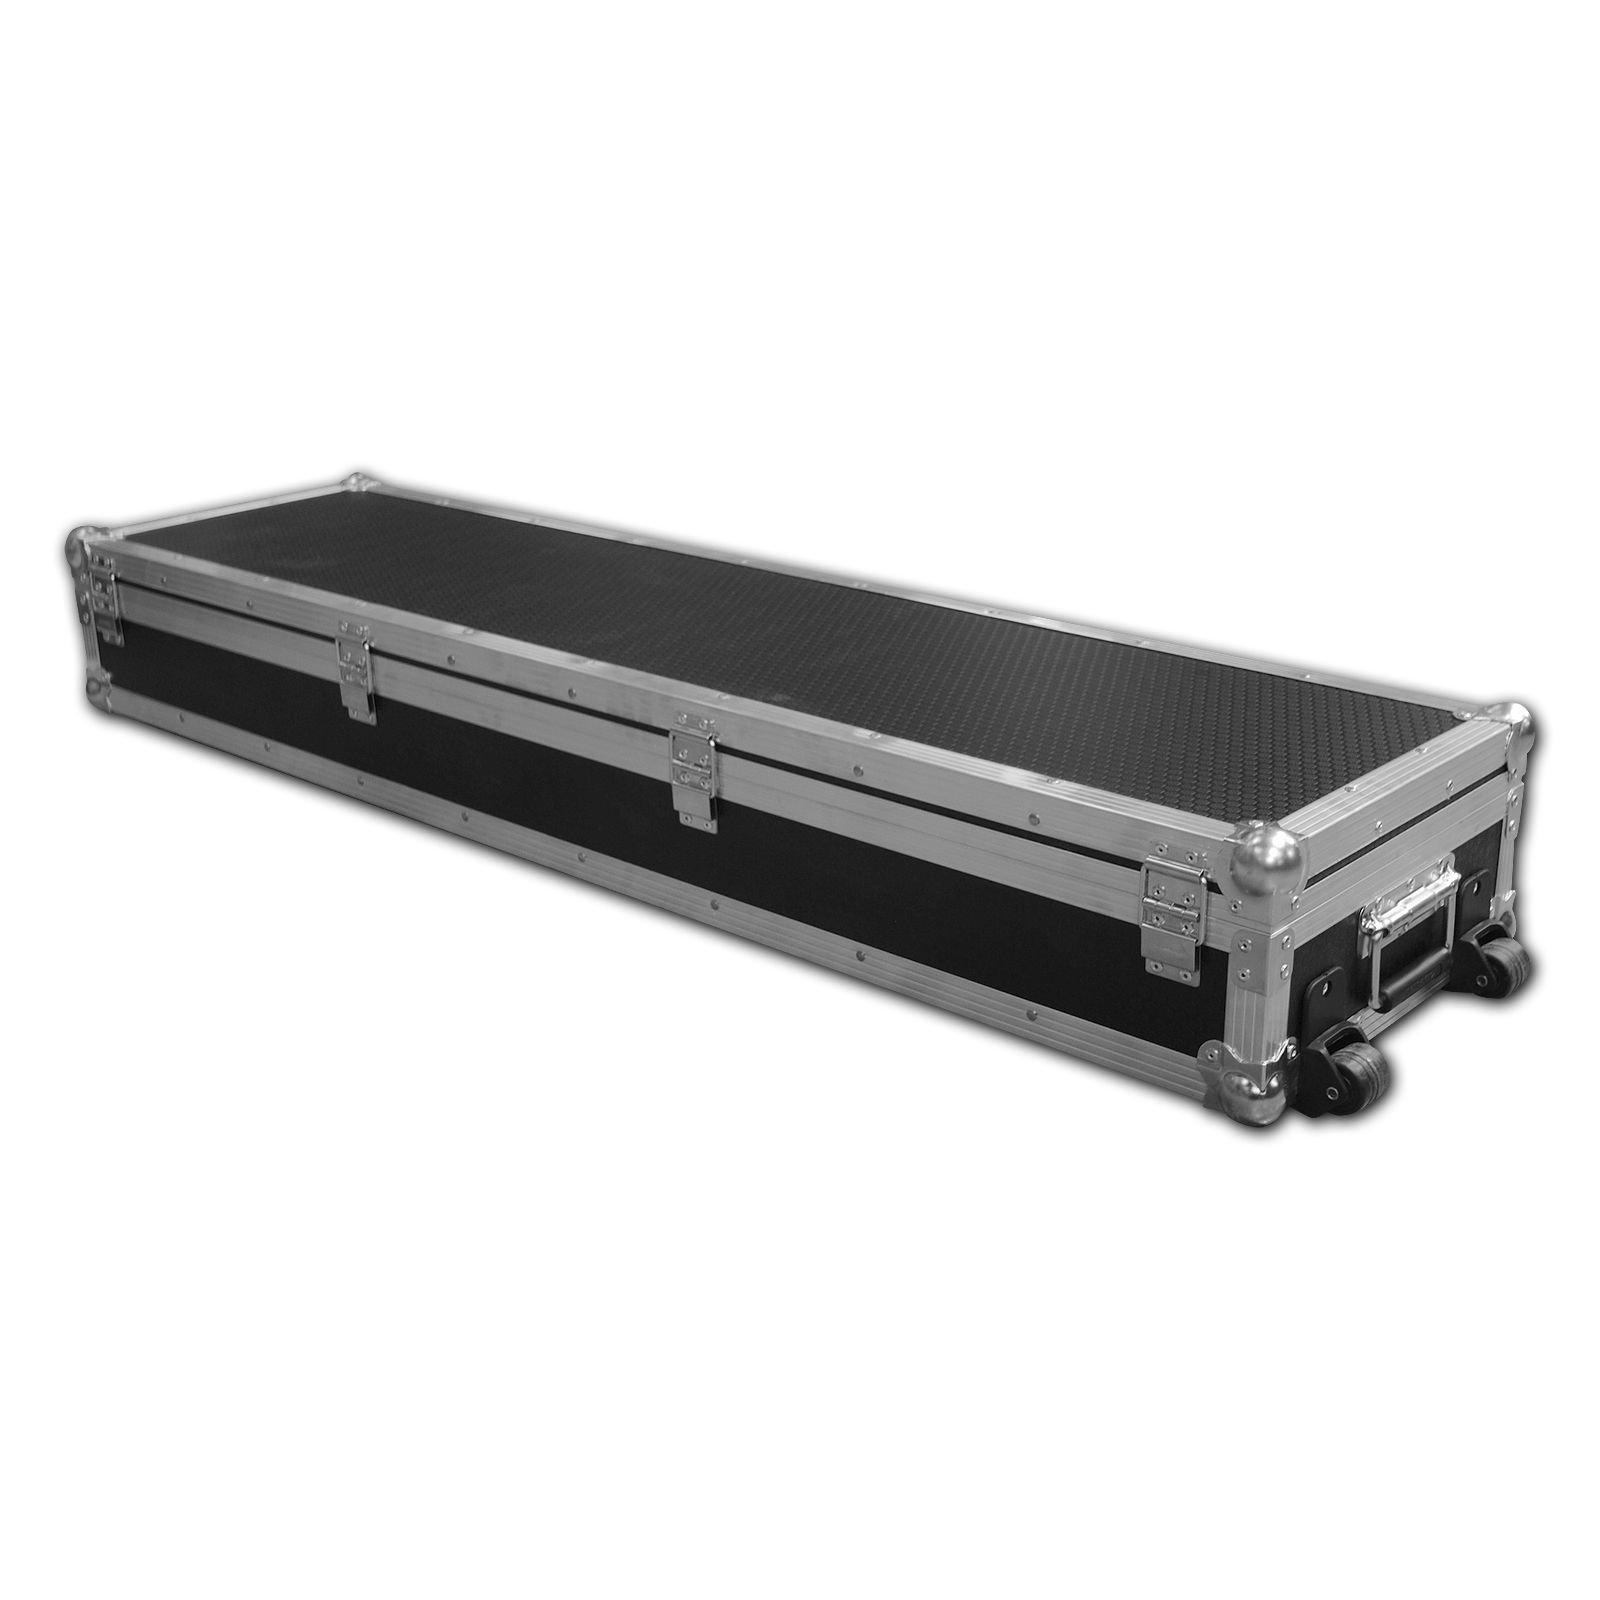 hard keyboard flight case for yamaha psr 3000. Black Bedroom Furniture Sets. Home Design Ideas